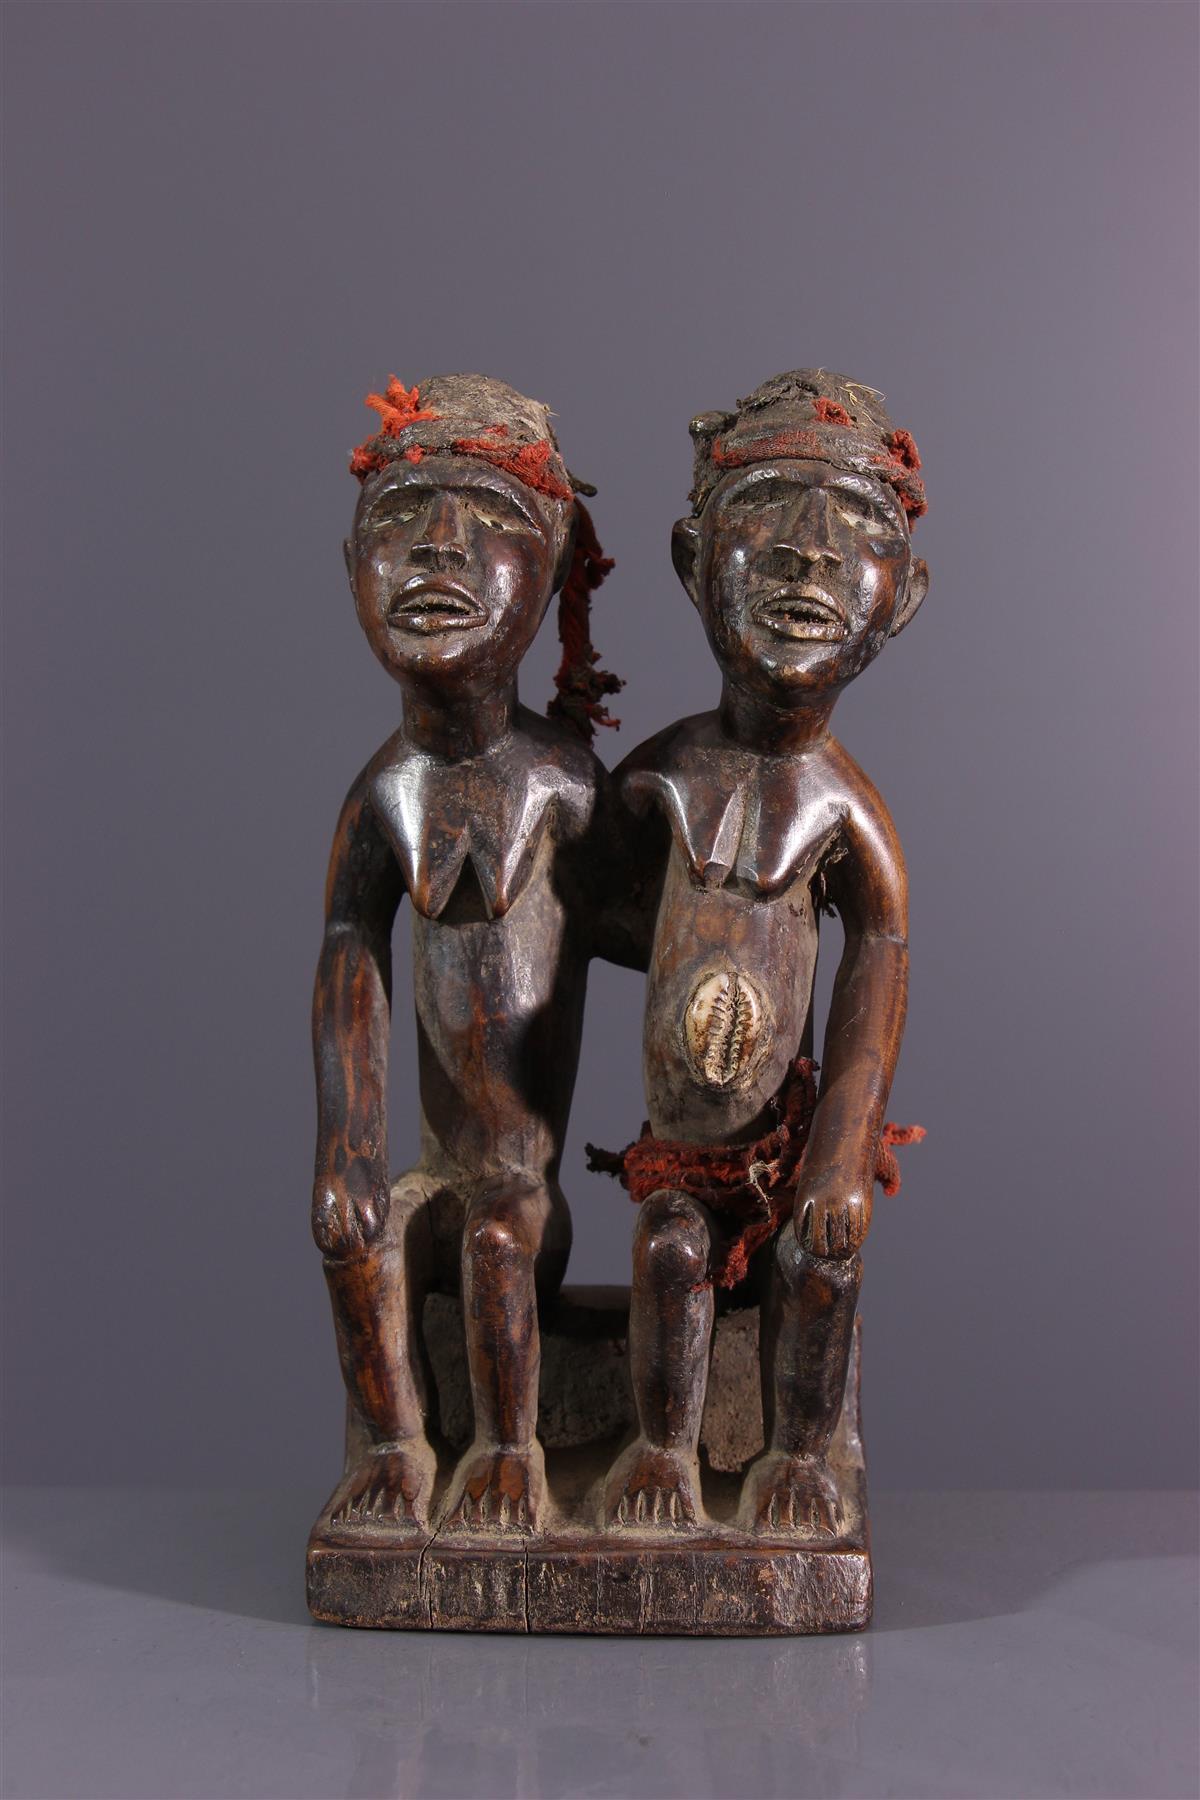 Kongo figure - African art